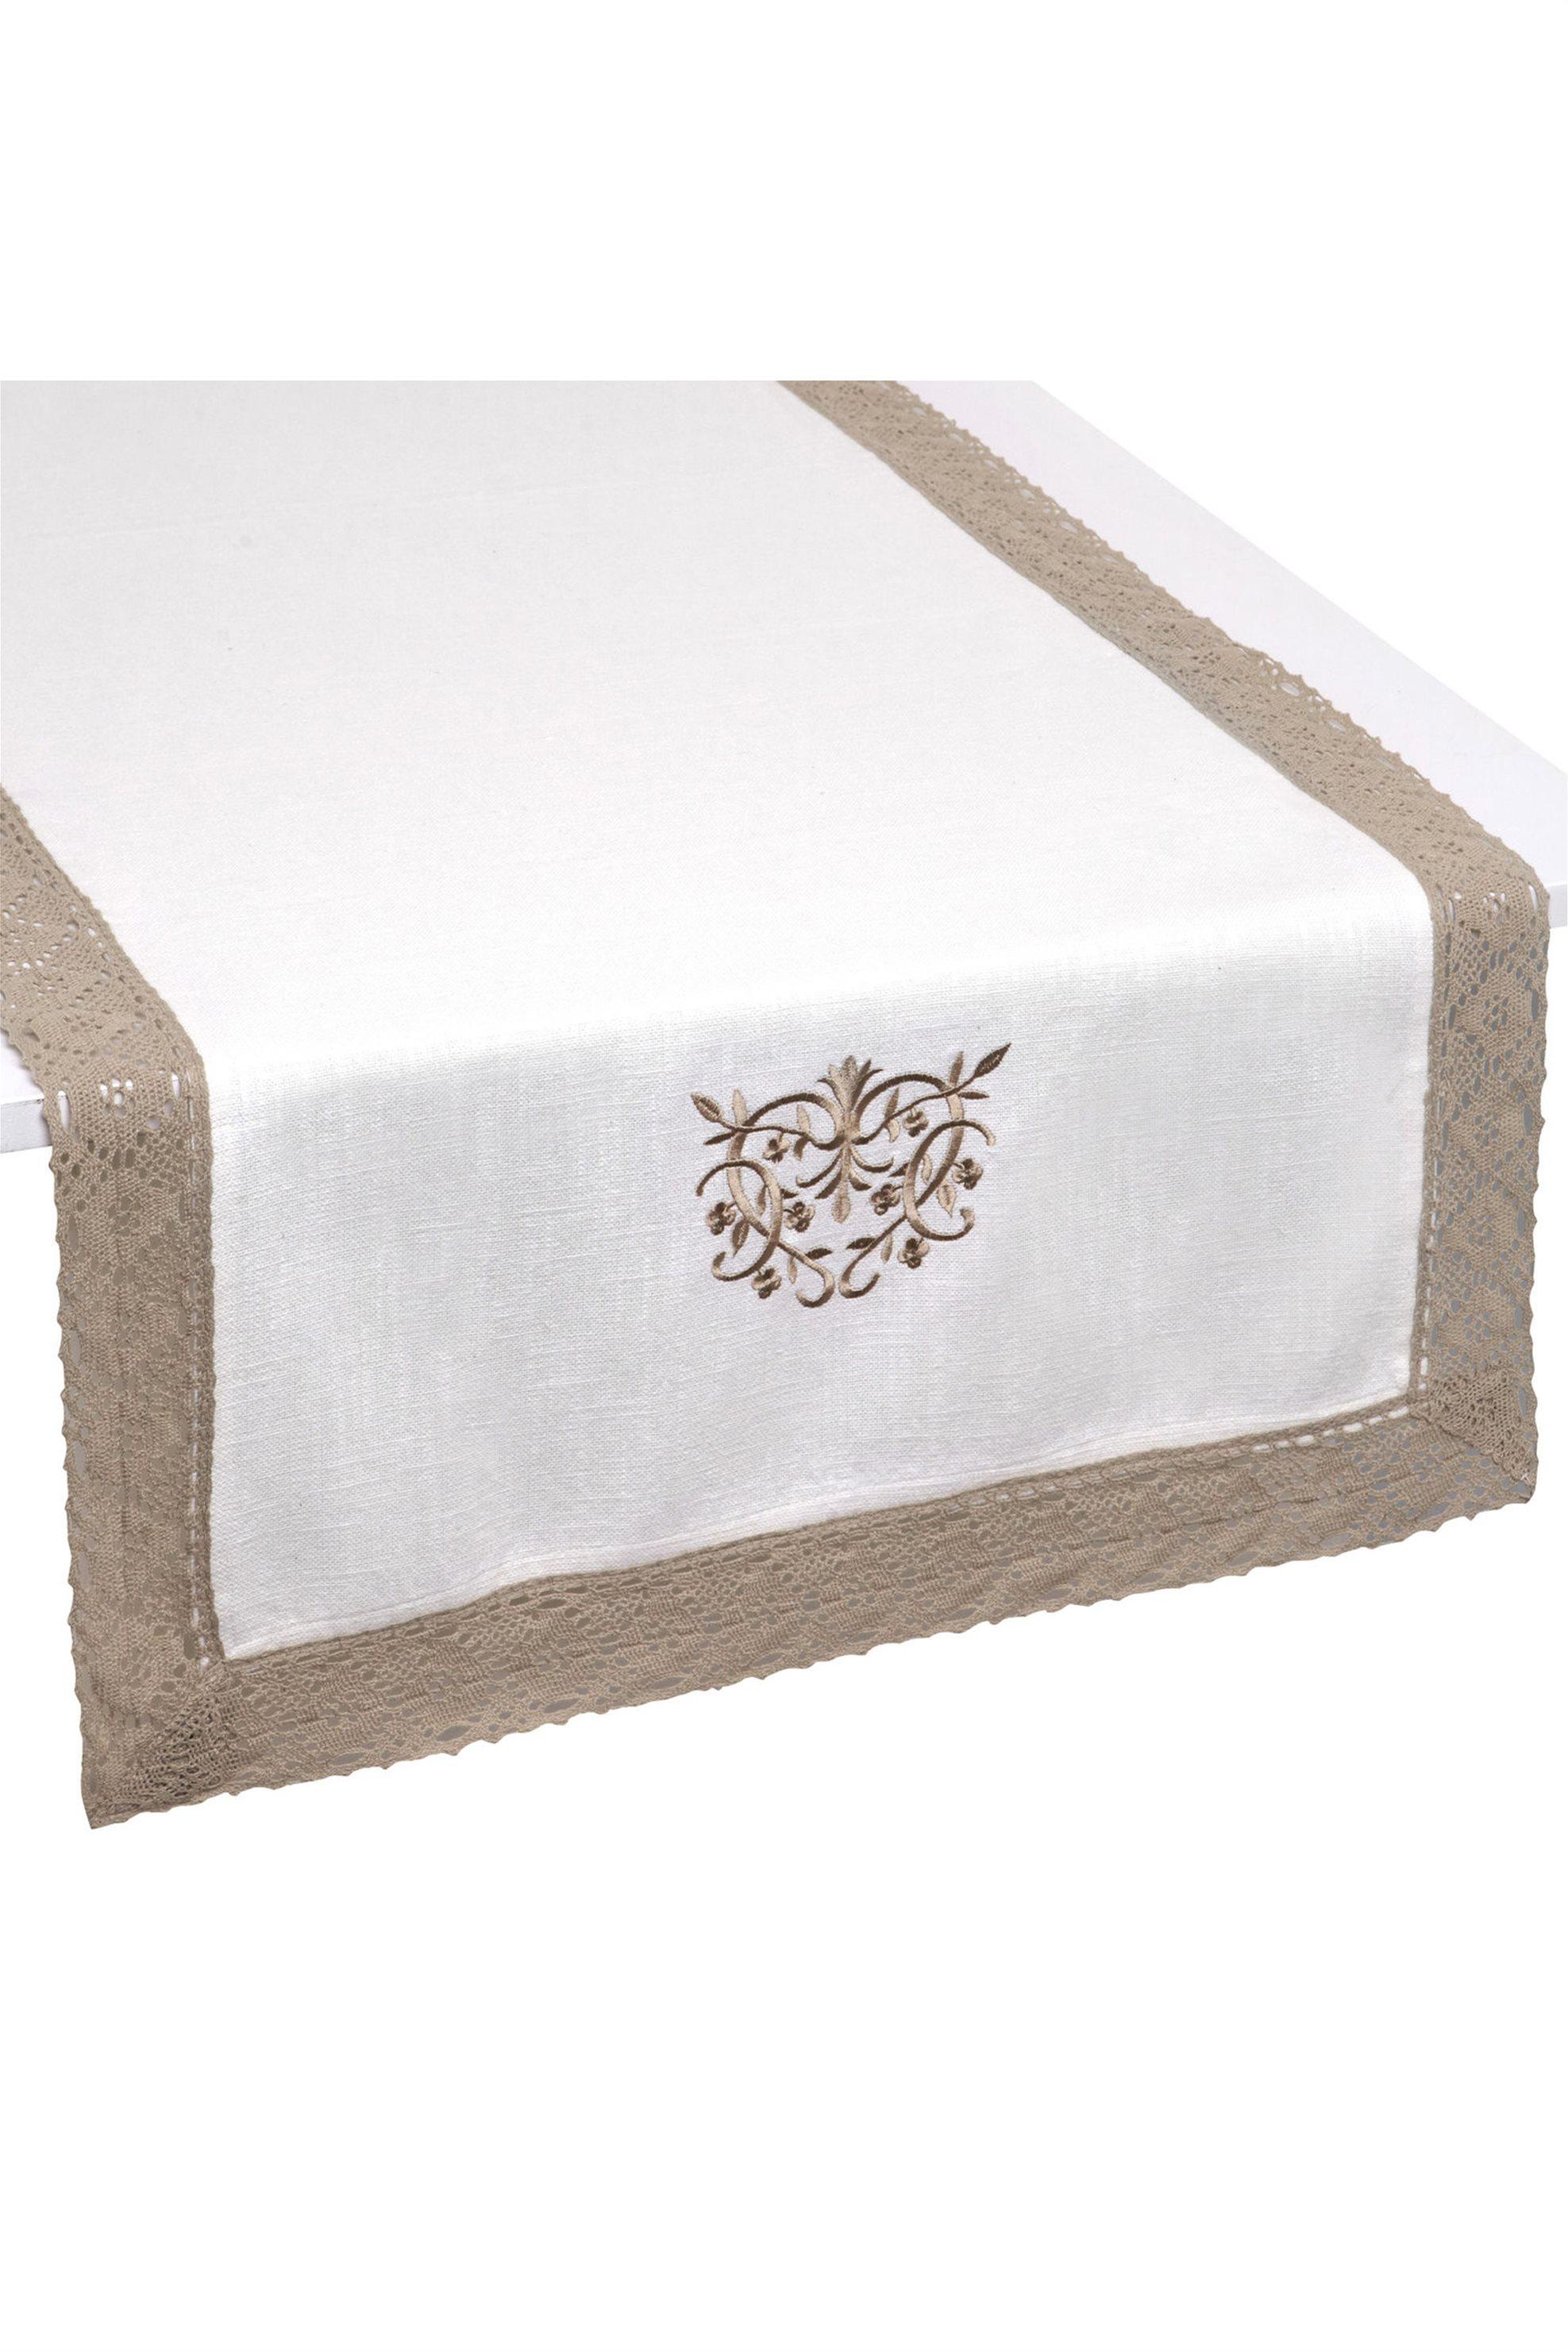 Ράνερ με κέντημα και δαντέλα 50x140 Coincasa - 000492477 - Λευκό home   κουζινα   τραβέρσες   ράνερ